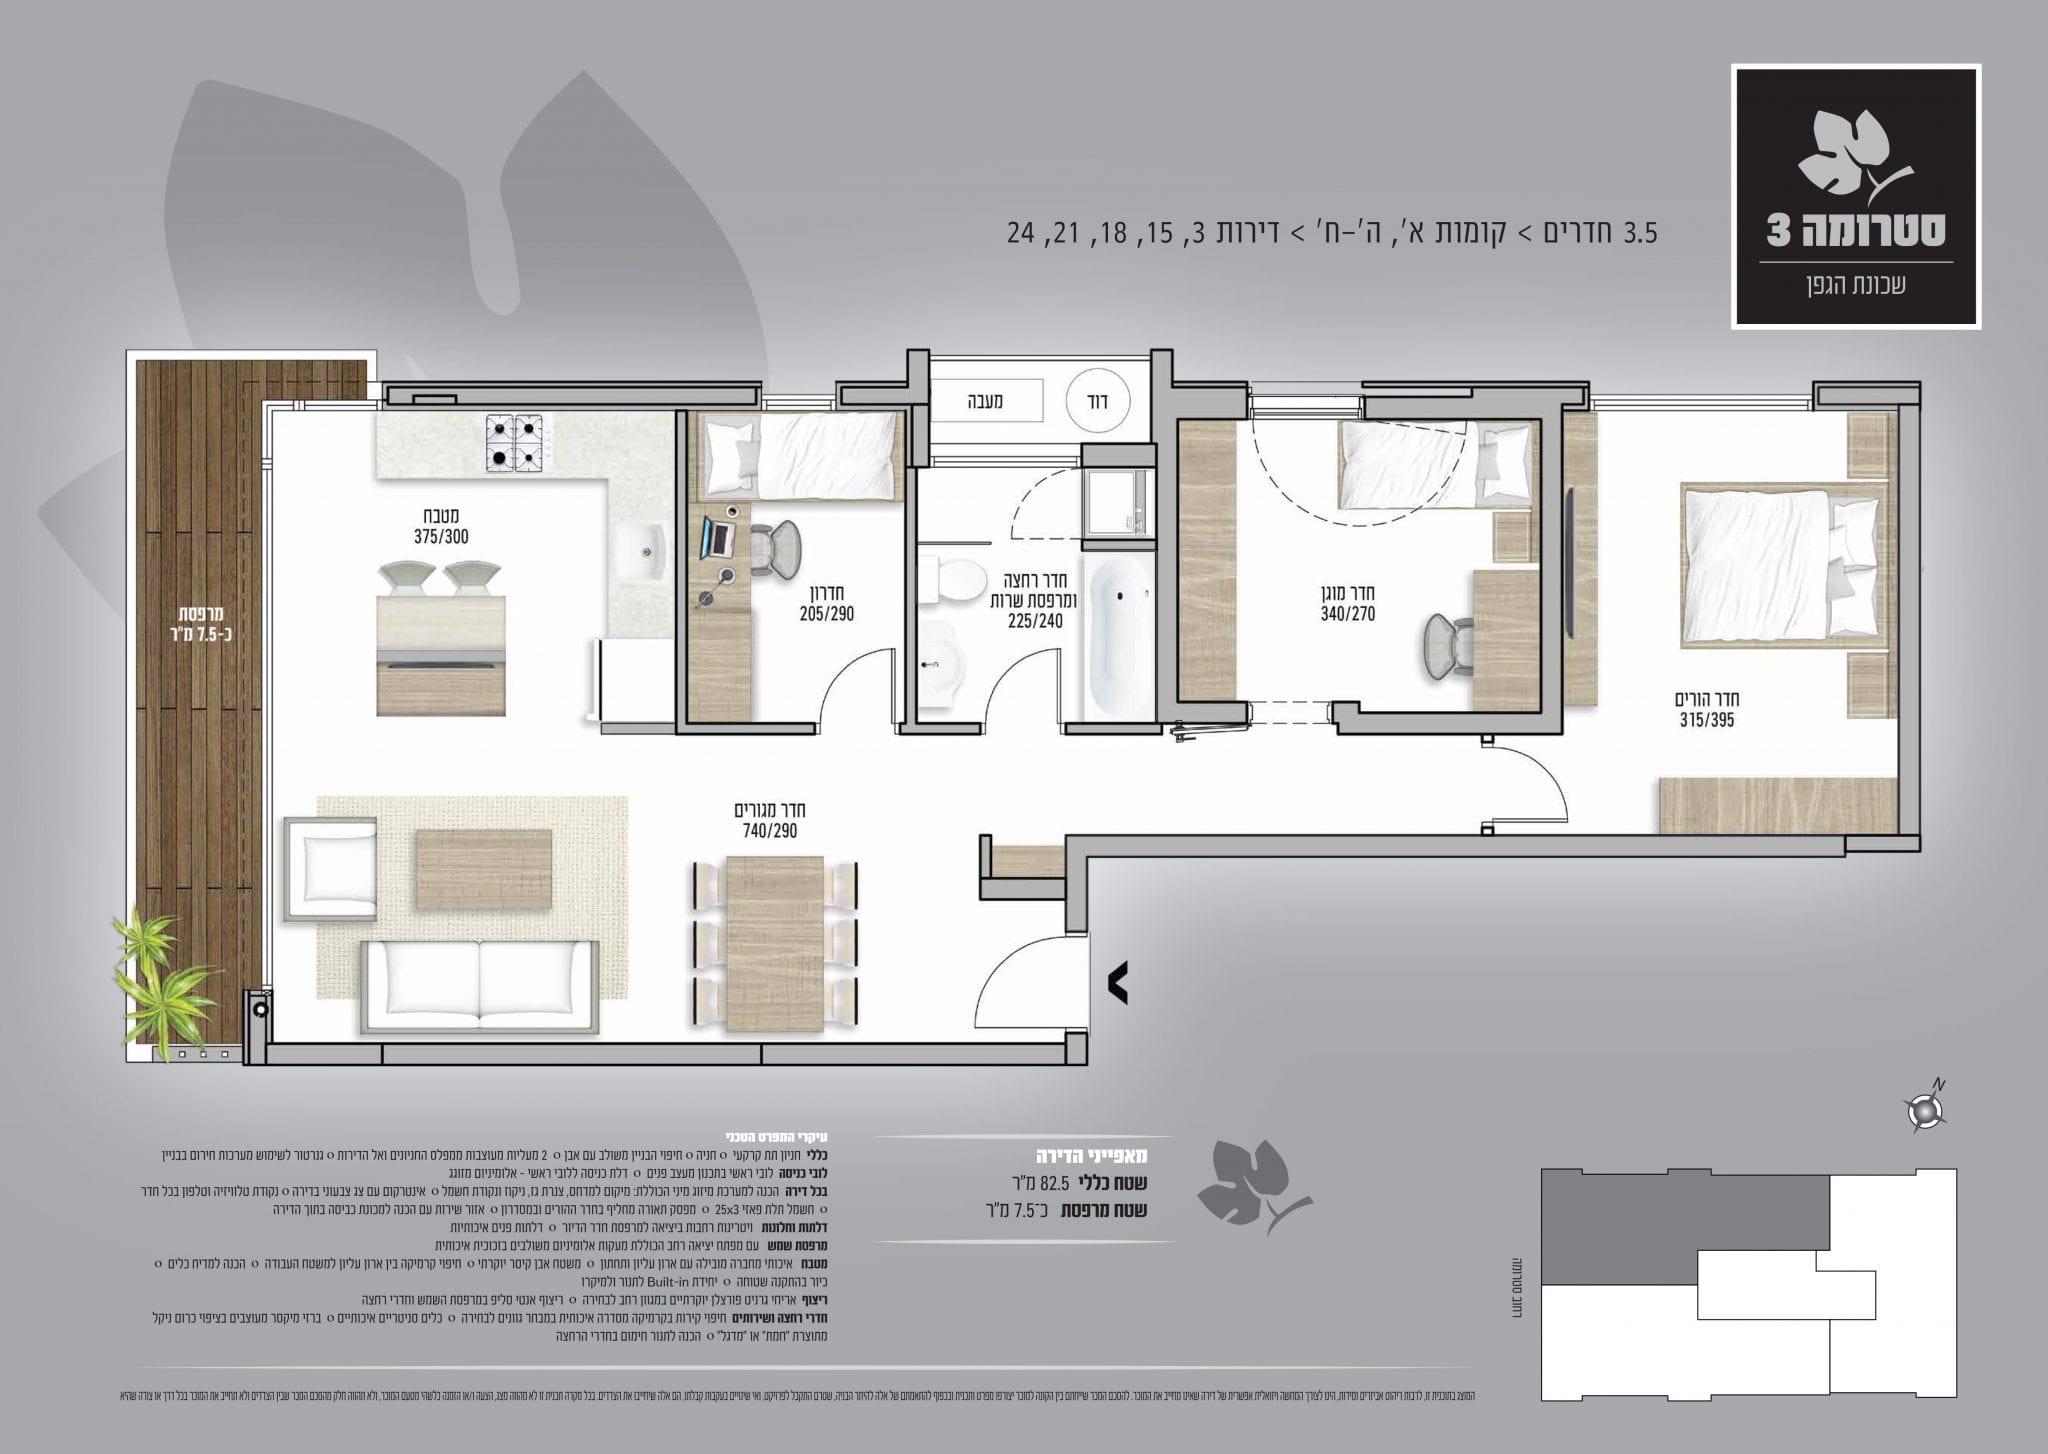 דירות 3.5 חדרים - מספר 3. 15-24